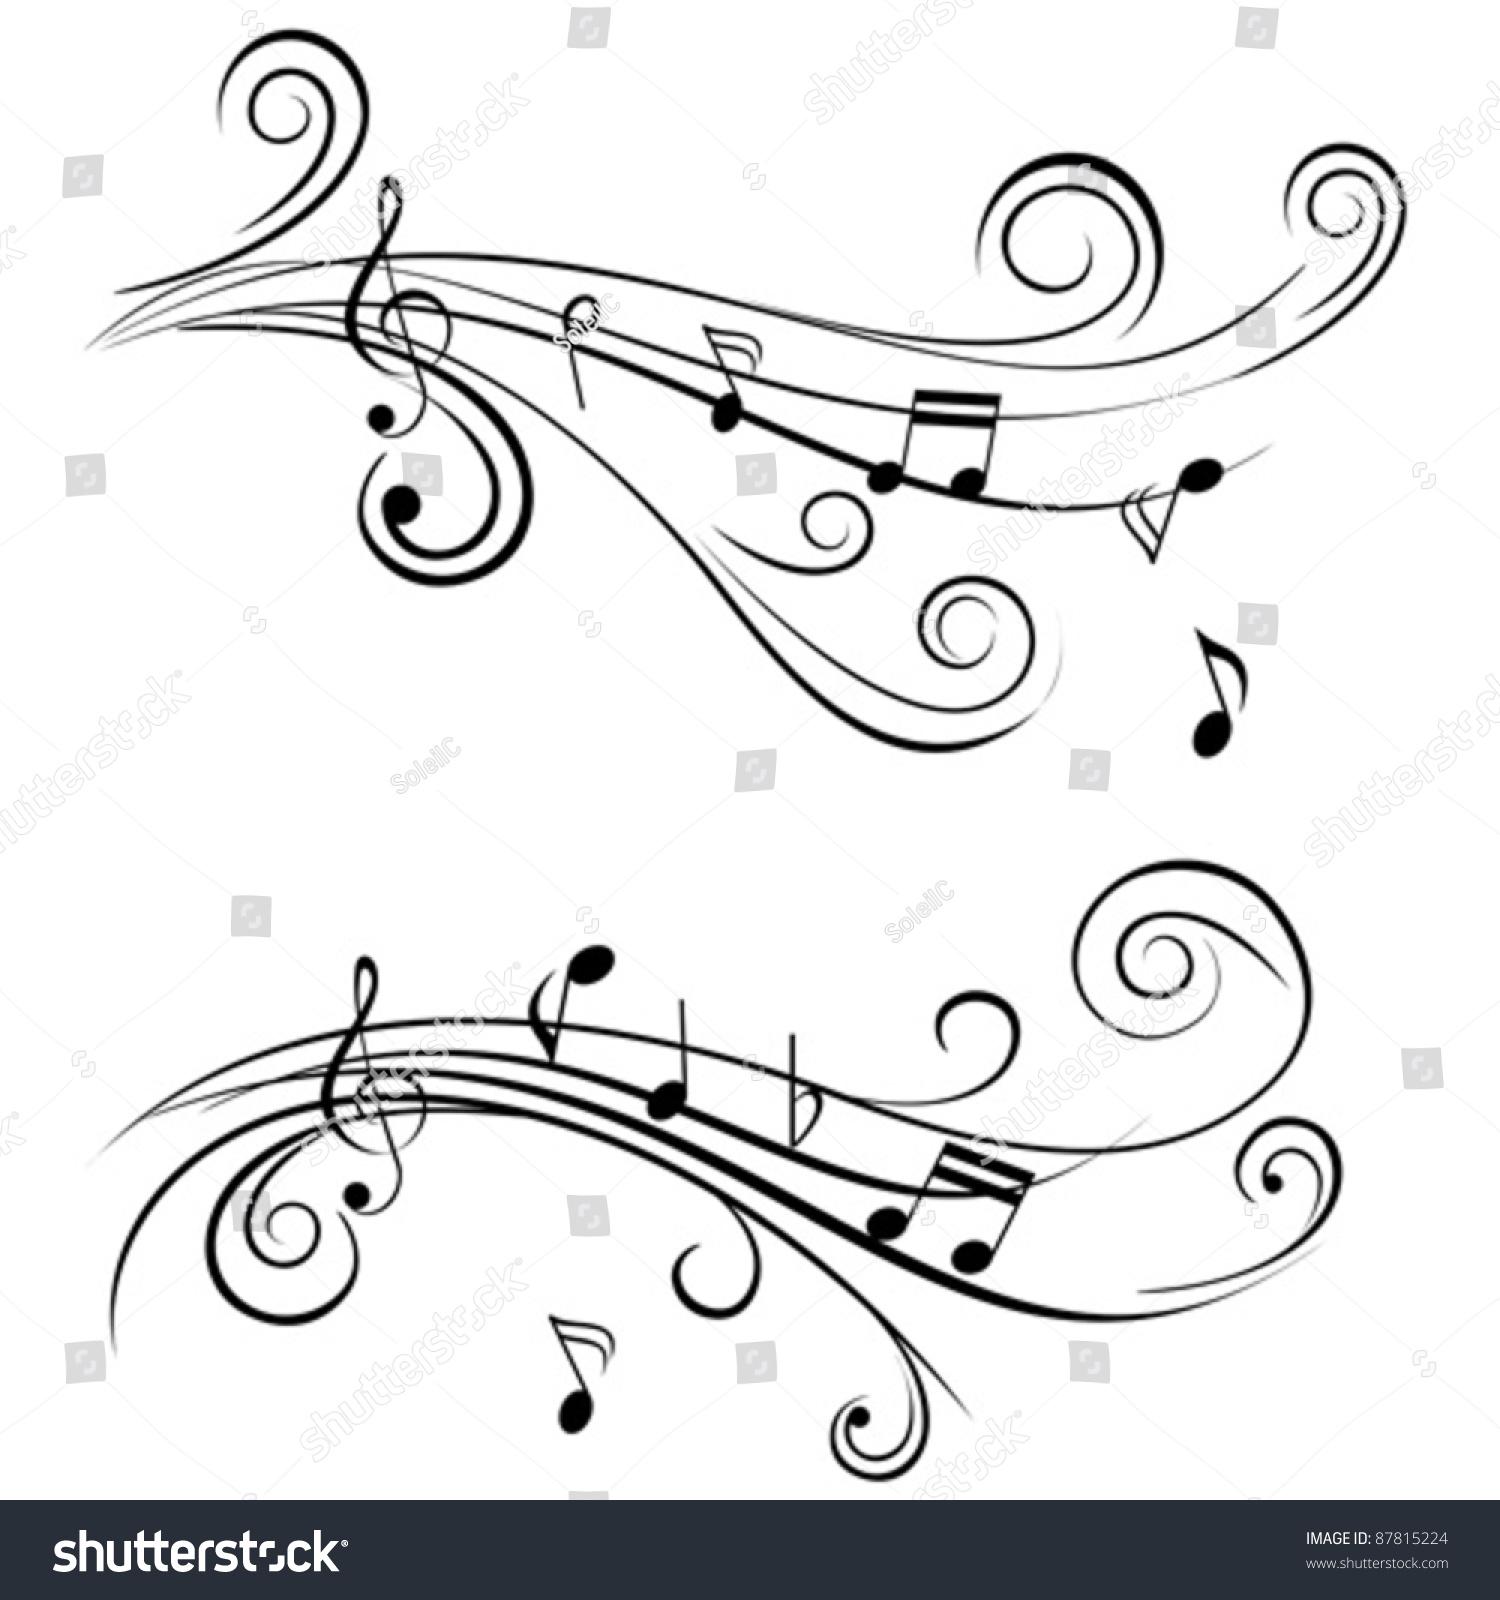 Скрипичный Ключ Рисунок Для Ворда